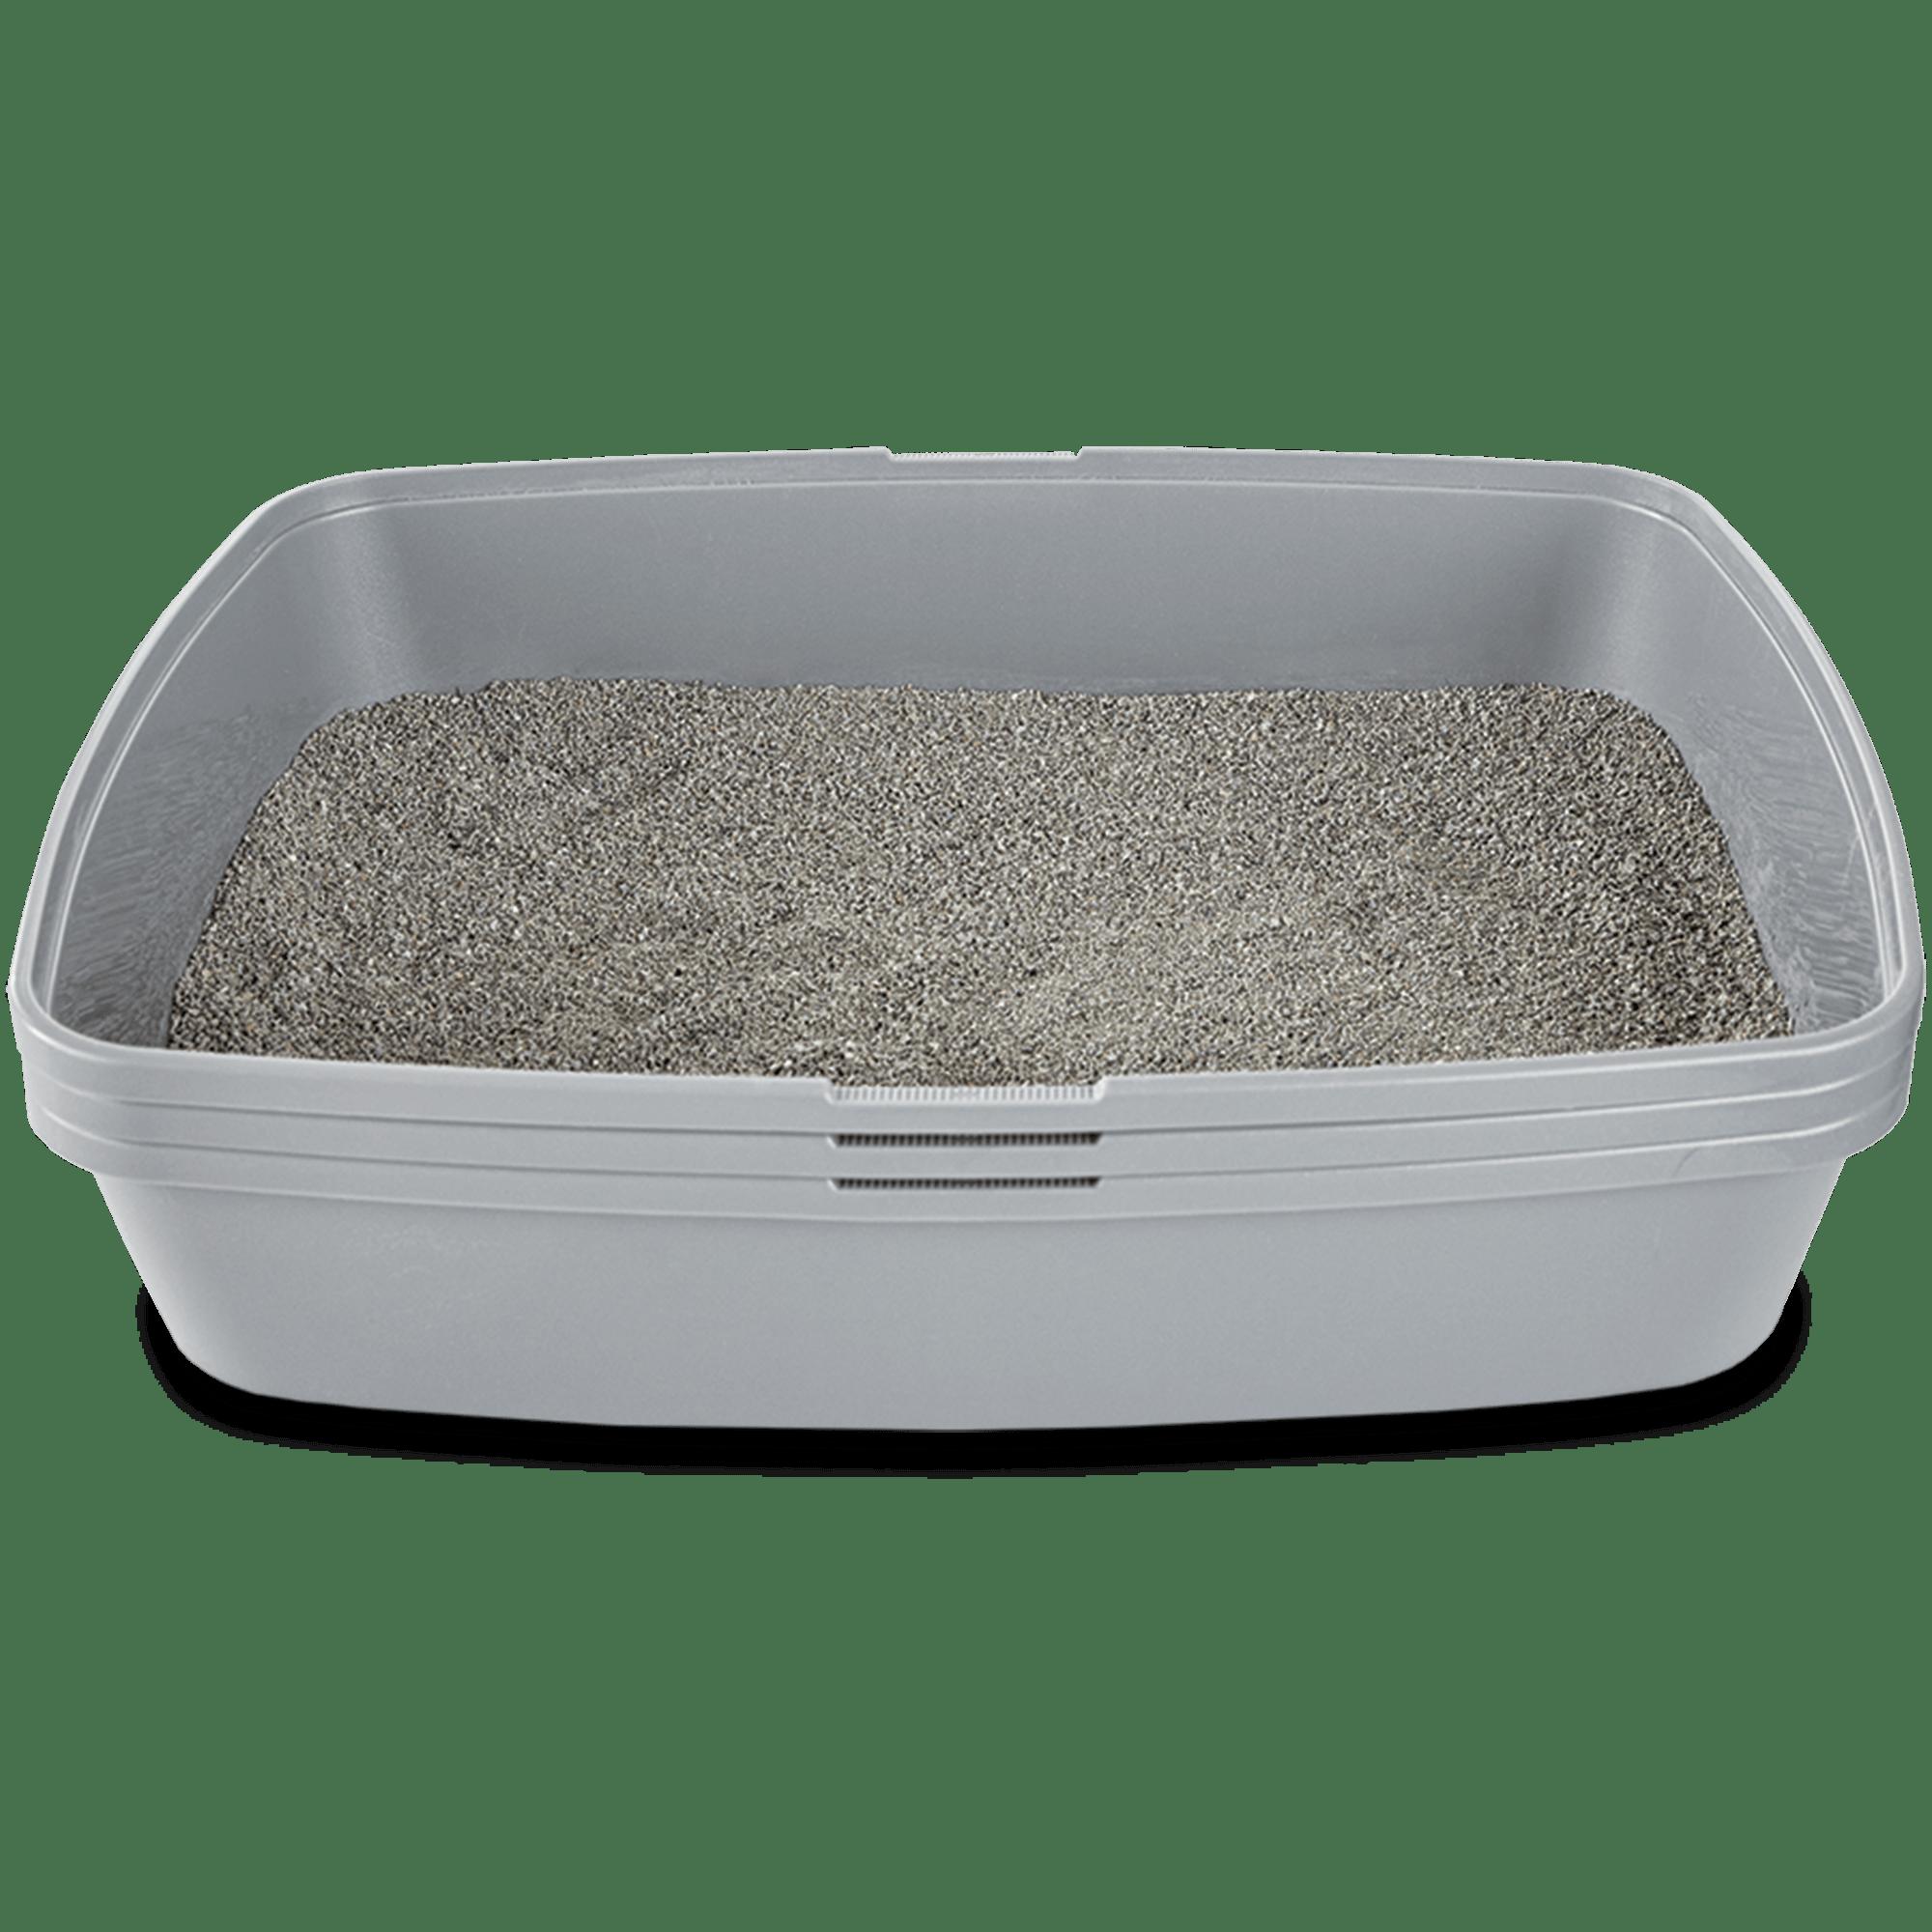 So Phresh Sifting Cat Litter Box In Grey 19 75 L X 15 13 W X 9 5 H Petco